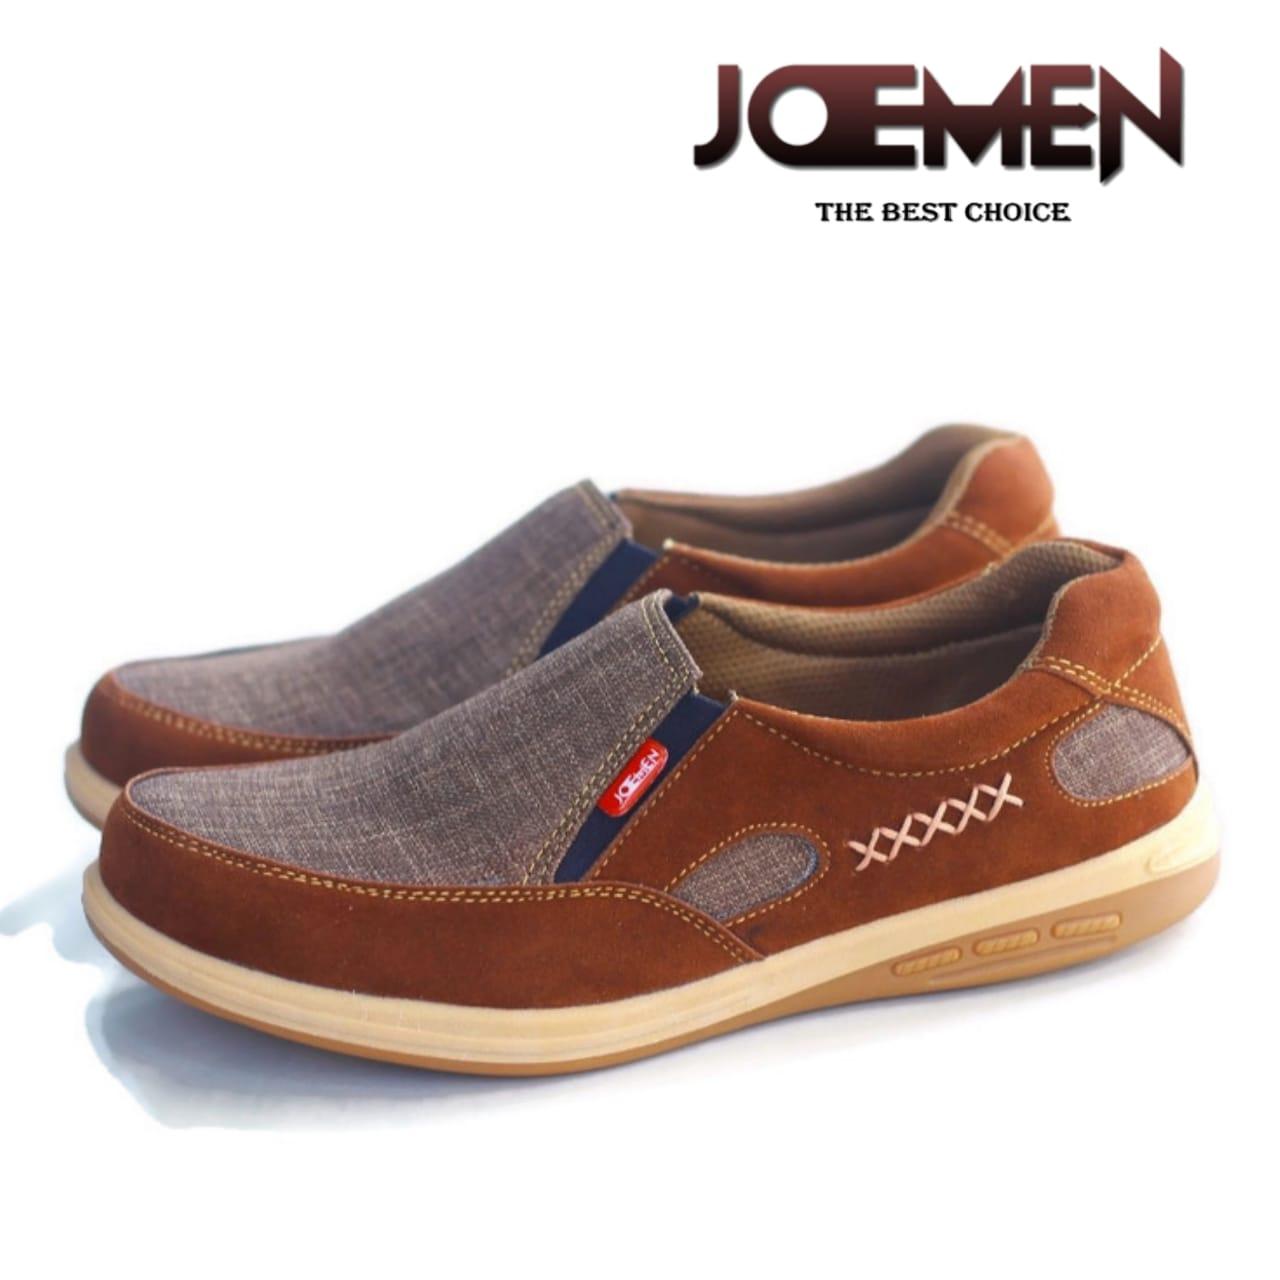 sepatu pria  joemen j 54 santuy sepatu pria kulit sepatu anak cowok sepatu lari pria sepatu cowok import sepatu pria casual sepatu cowo sepatu olahraga sepatu kulit pria sepatu olahraga pria sepatu pria sepatu laki laki dewasa sepatu pria sport